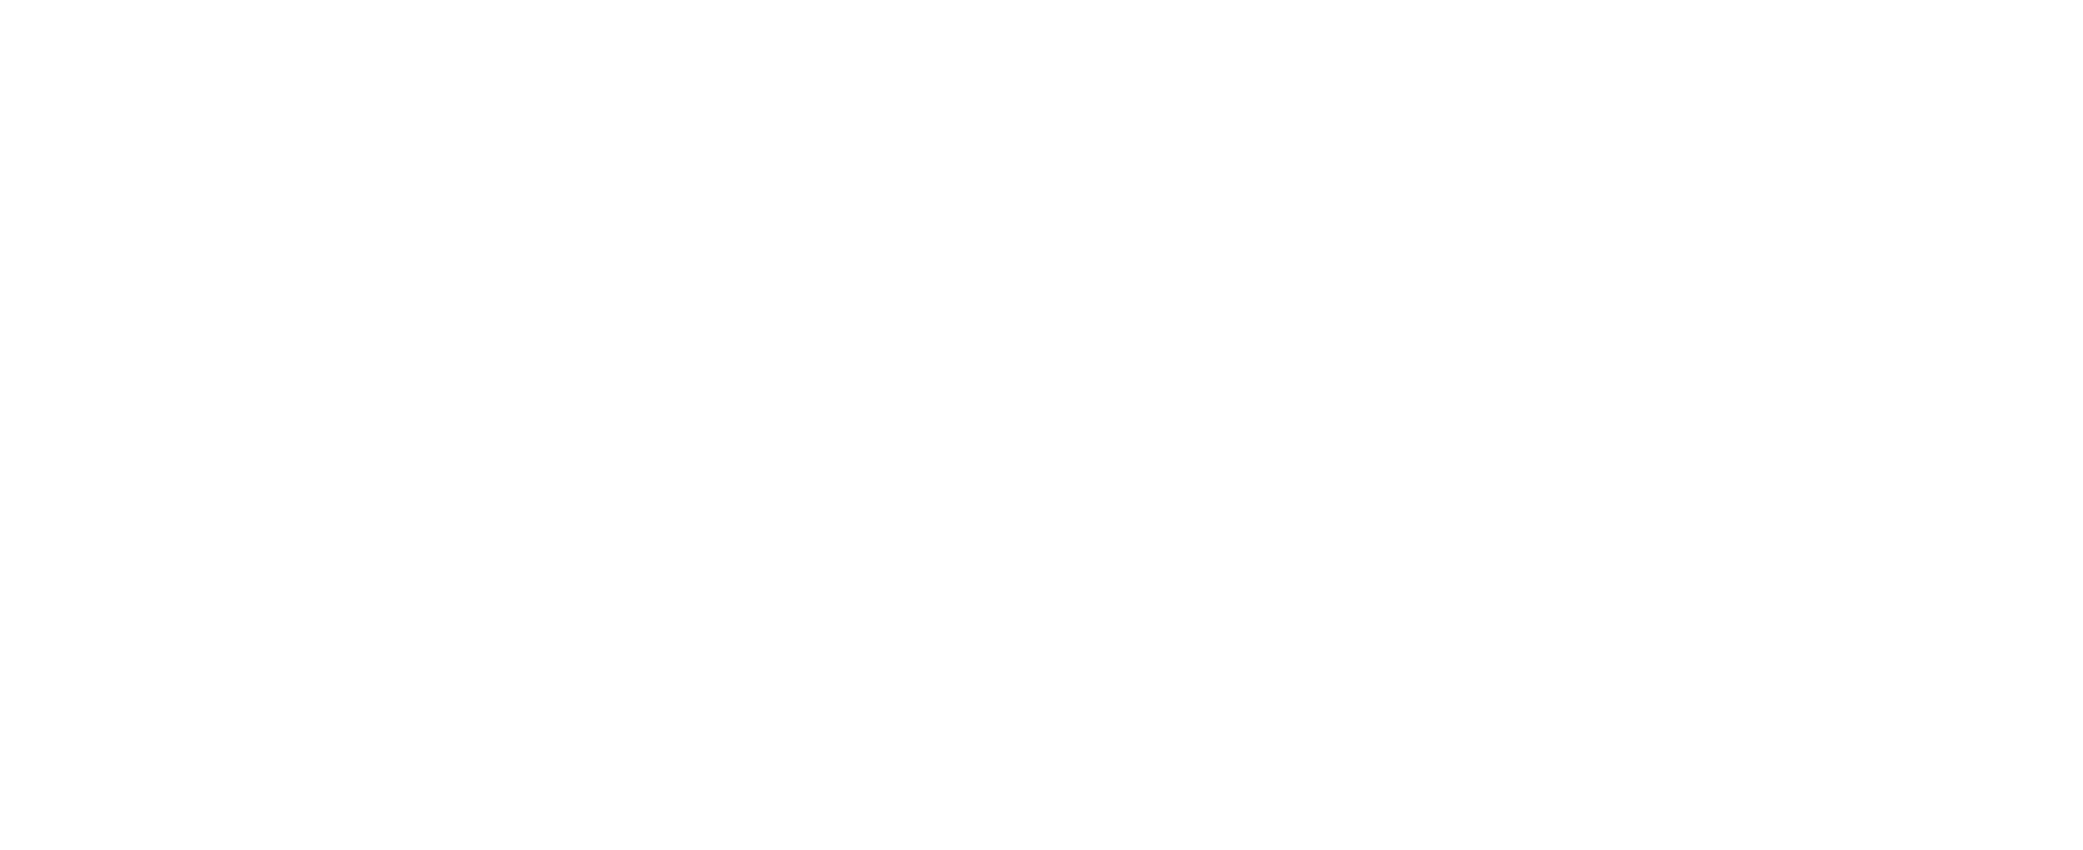 Jungfreisinnige Schaffhausen